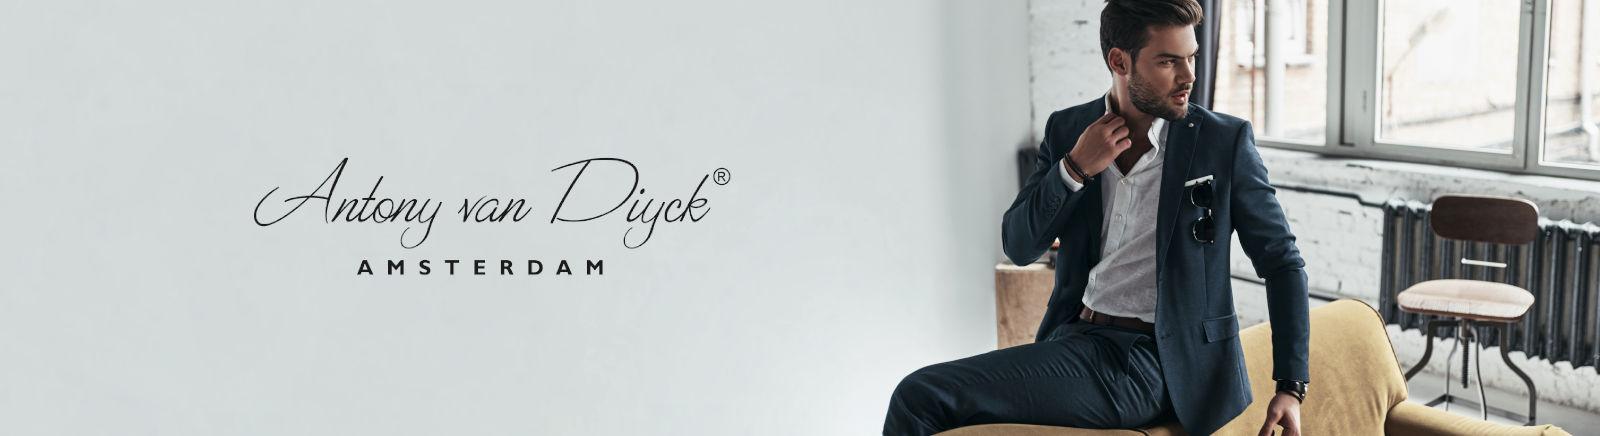 Antony van Diyck Herrenschuhe ► online kaufen bei Juppen